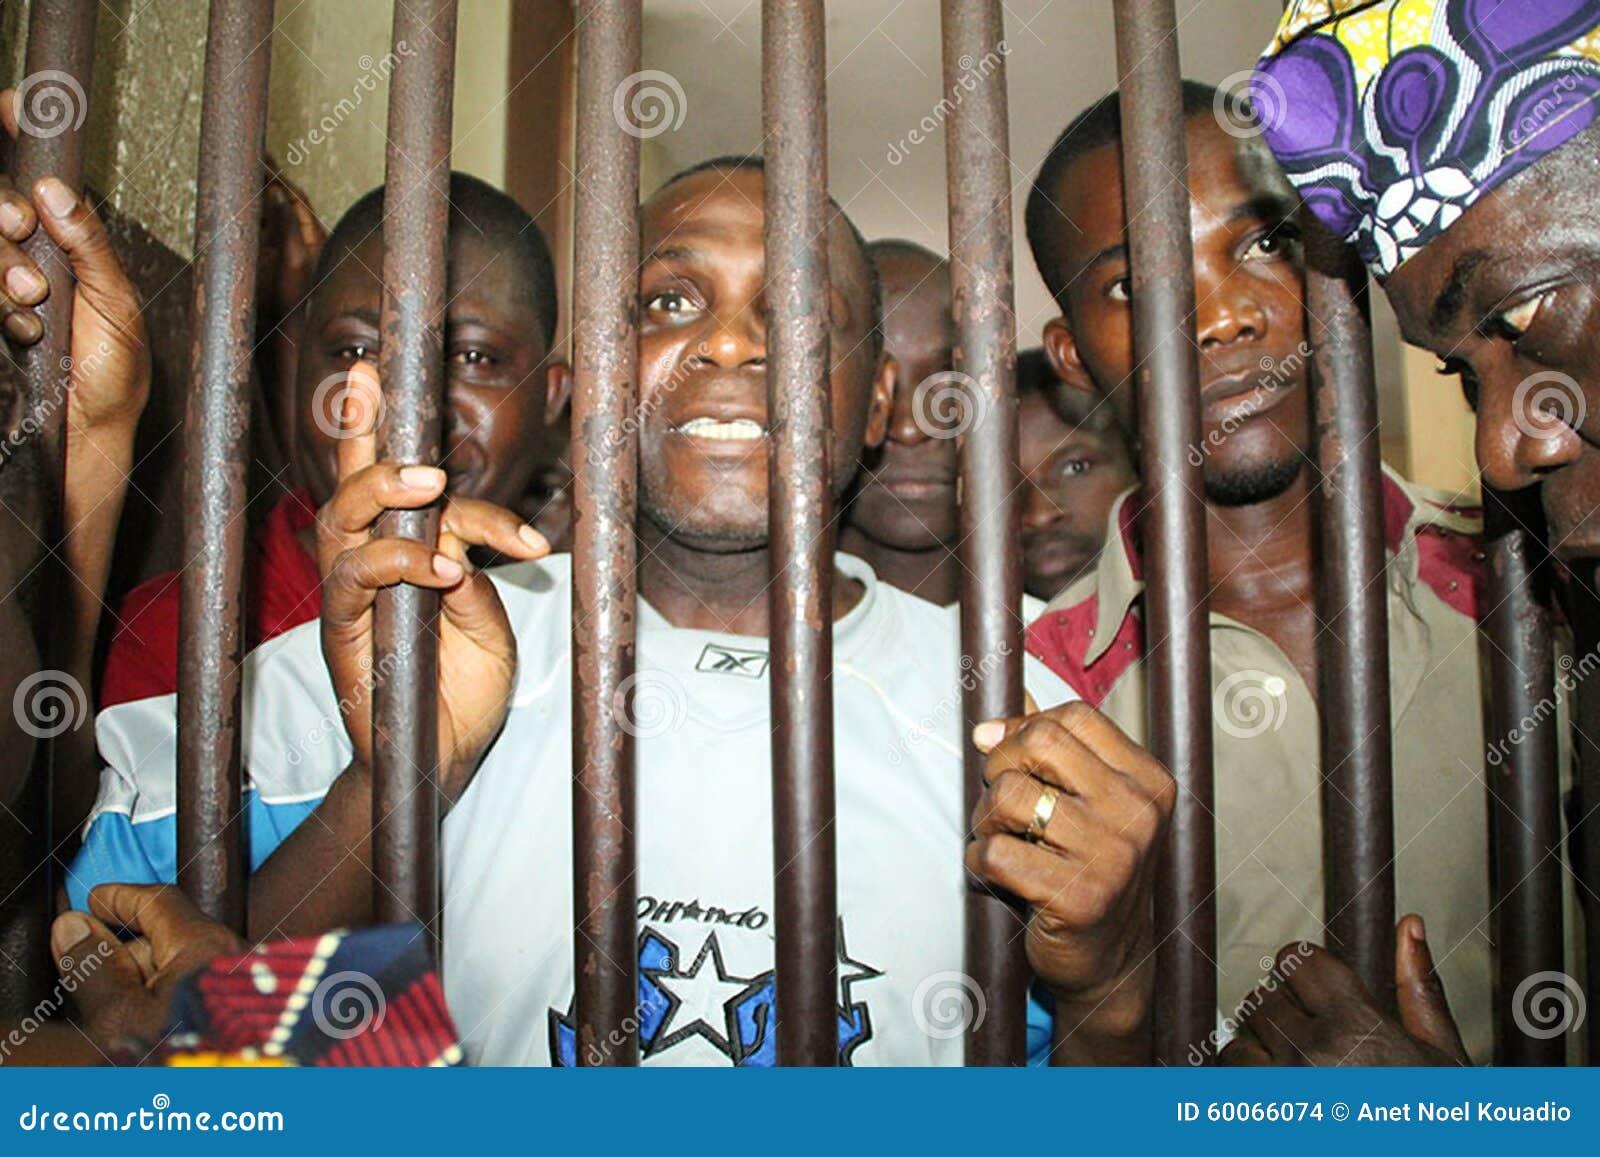 POLITICAL PRISONER IN IVORY COAST